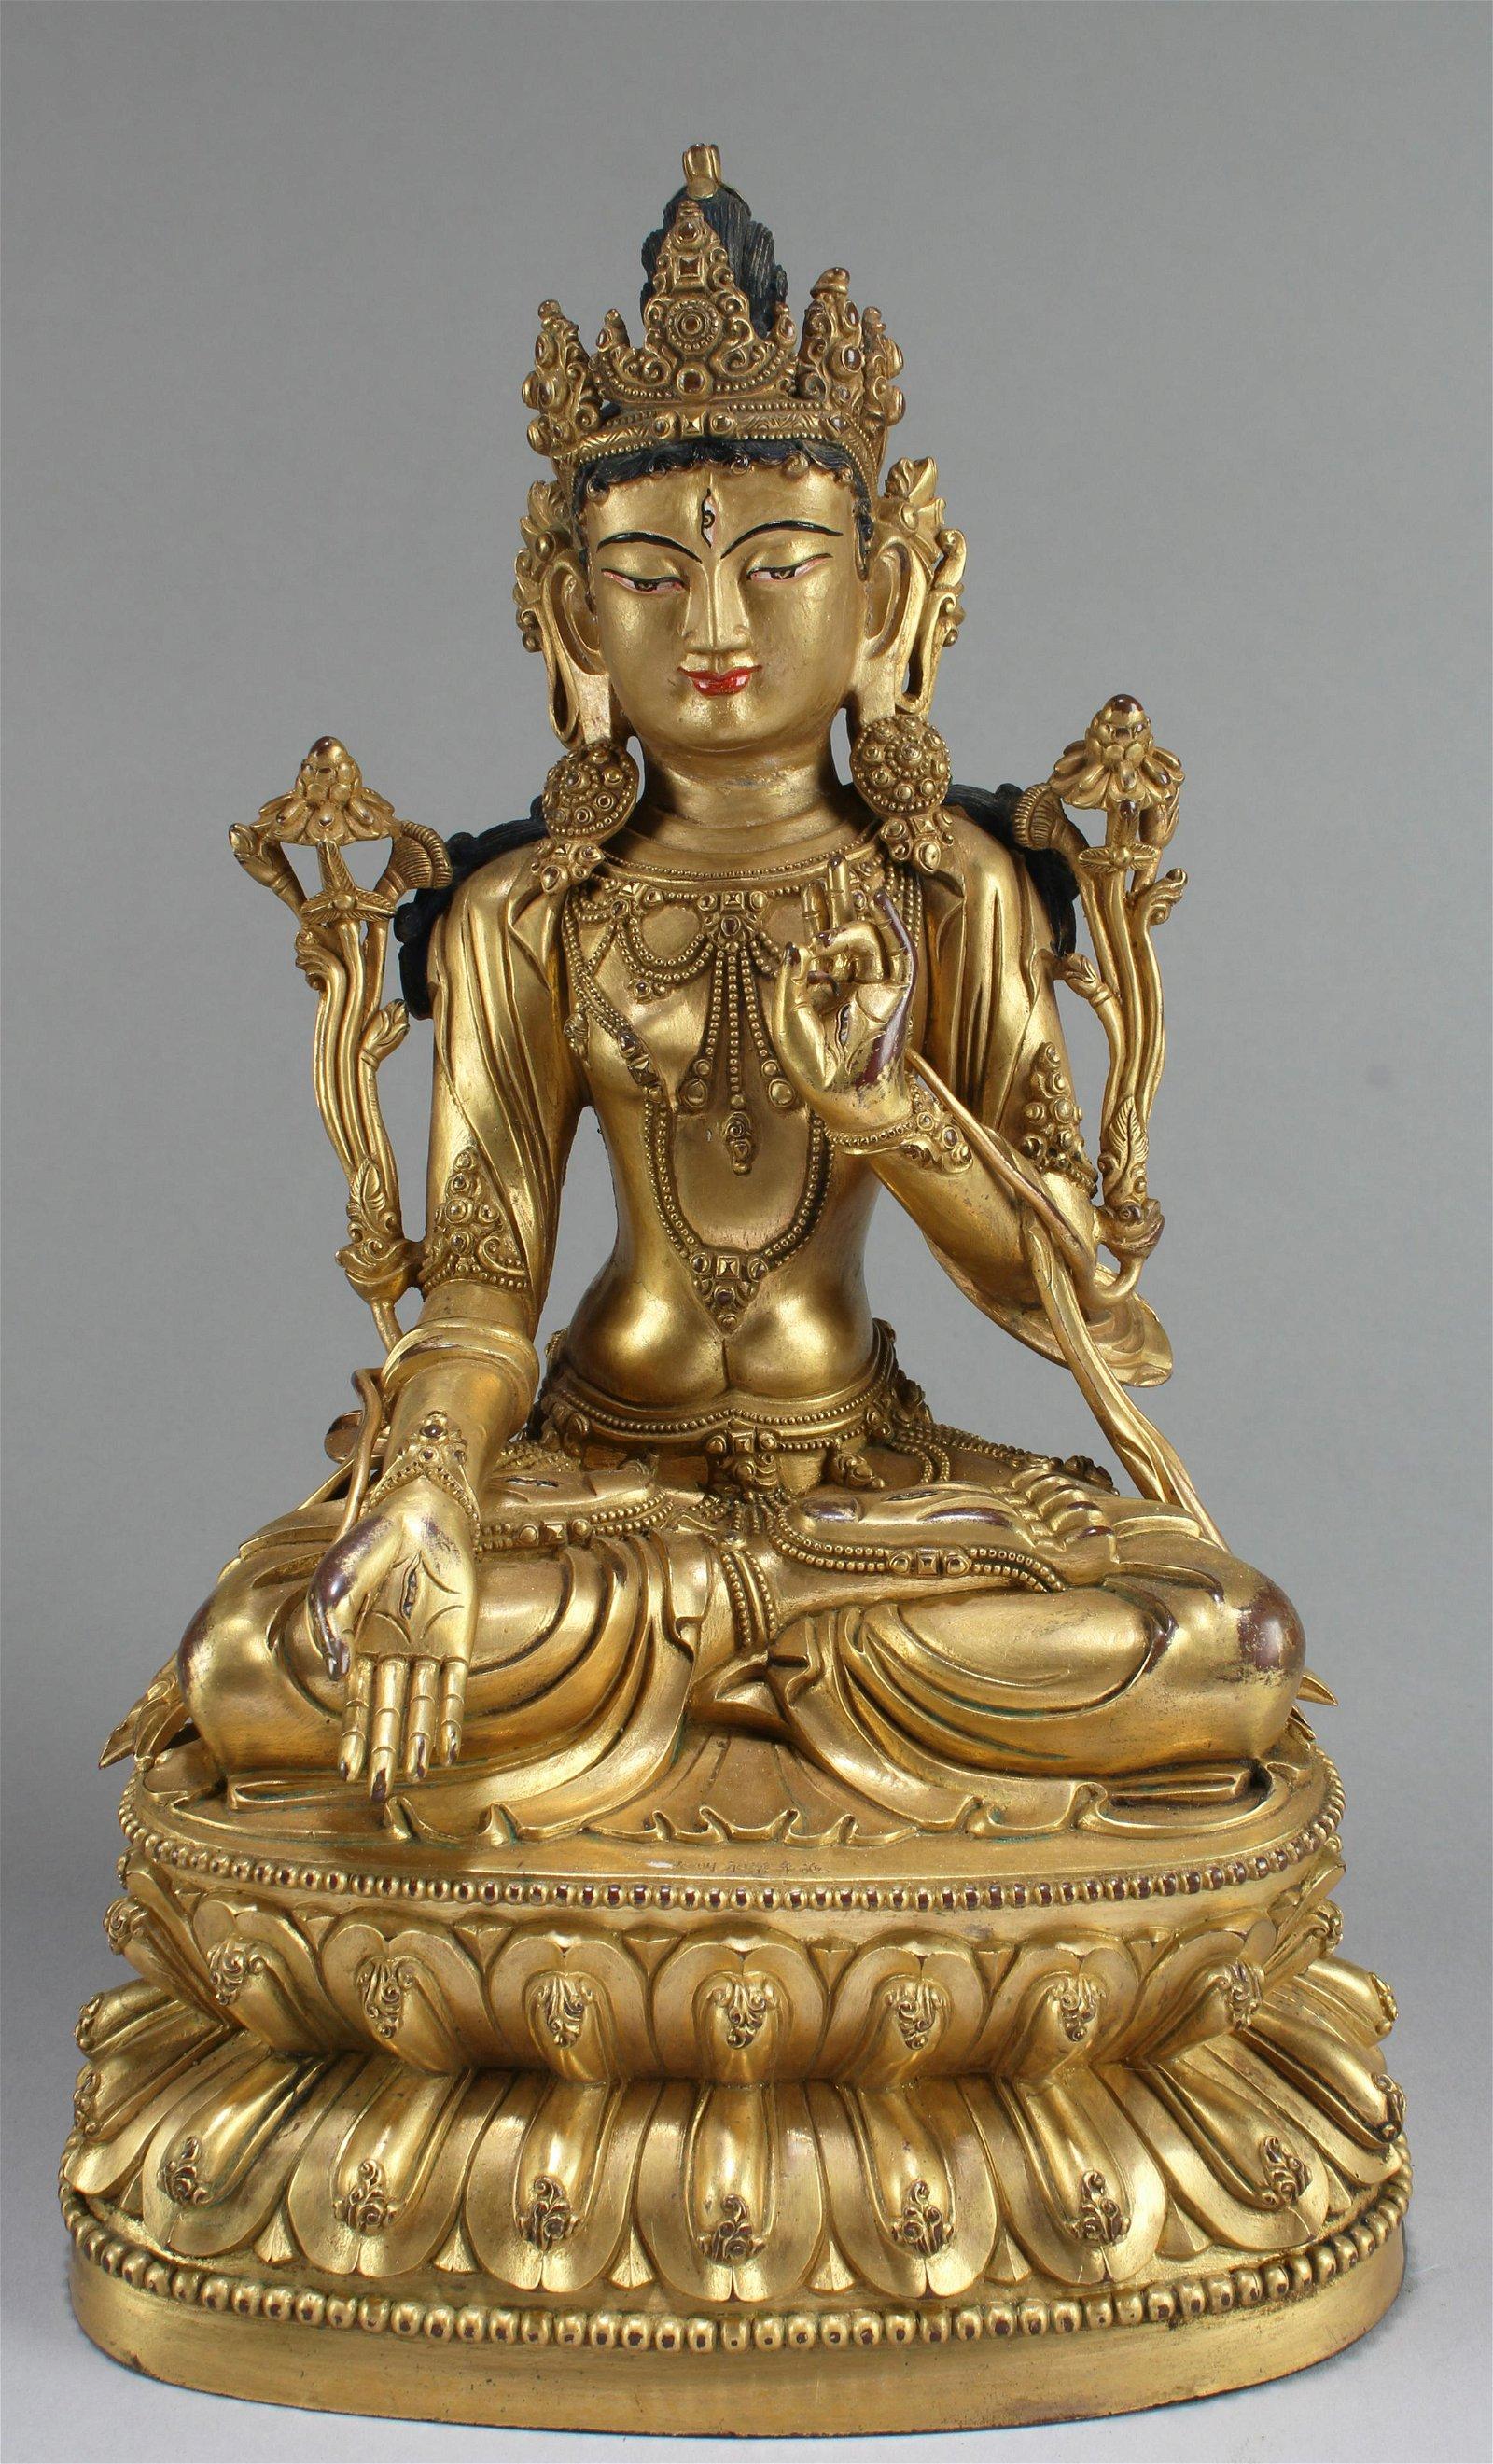 Chinese Gilt Bodhisattva Buddha Statue